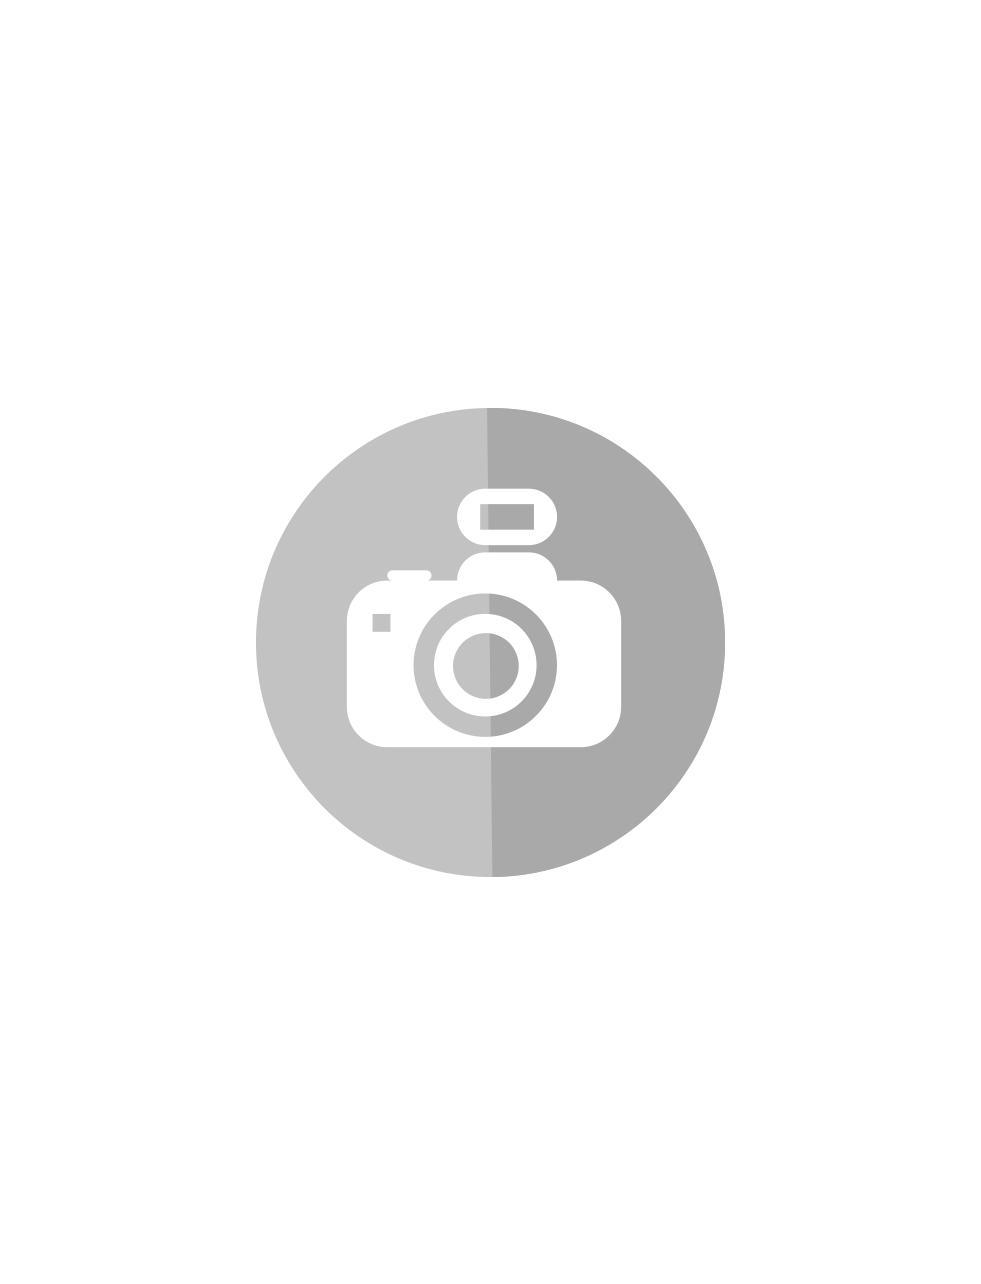 le_cube-ls-color_product_content_liner